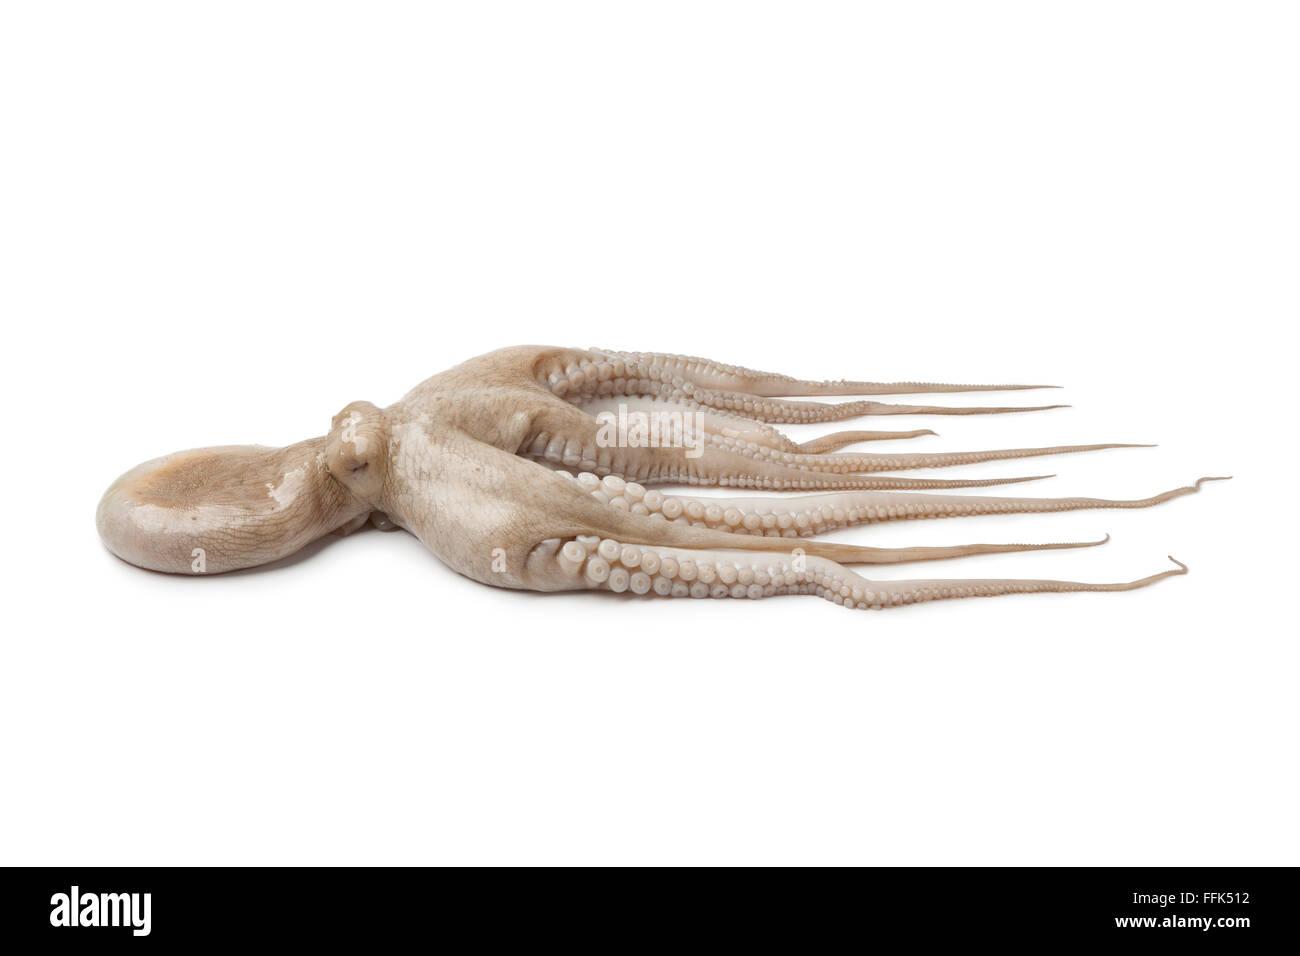 Ganz einzigen frischen rohen Oktopus isoliert auf weißem Hintergrund Stockbild